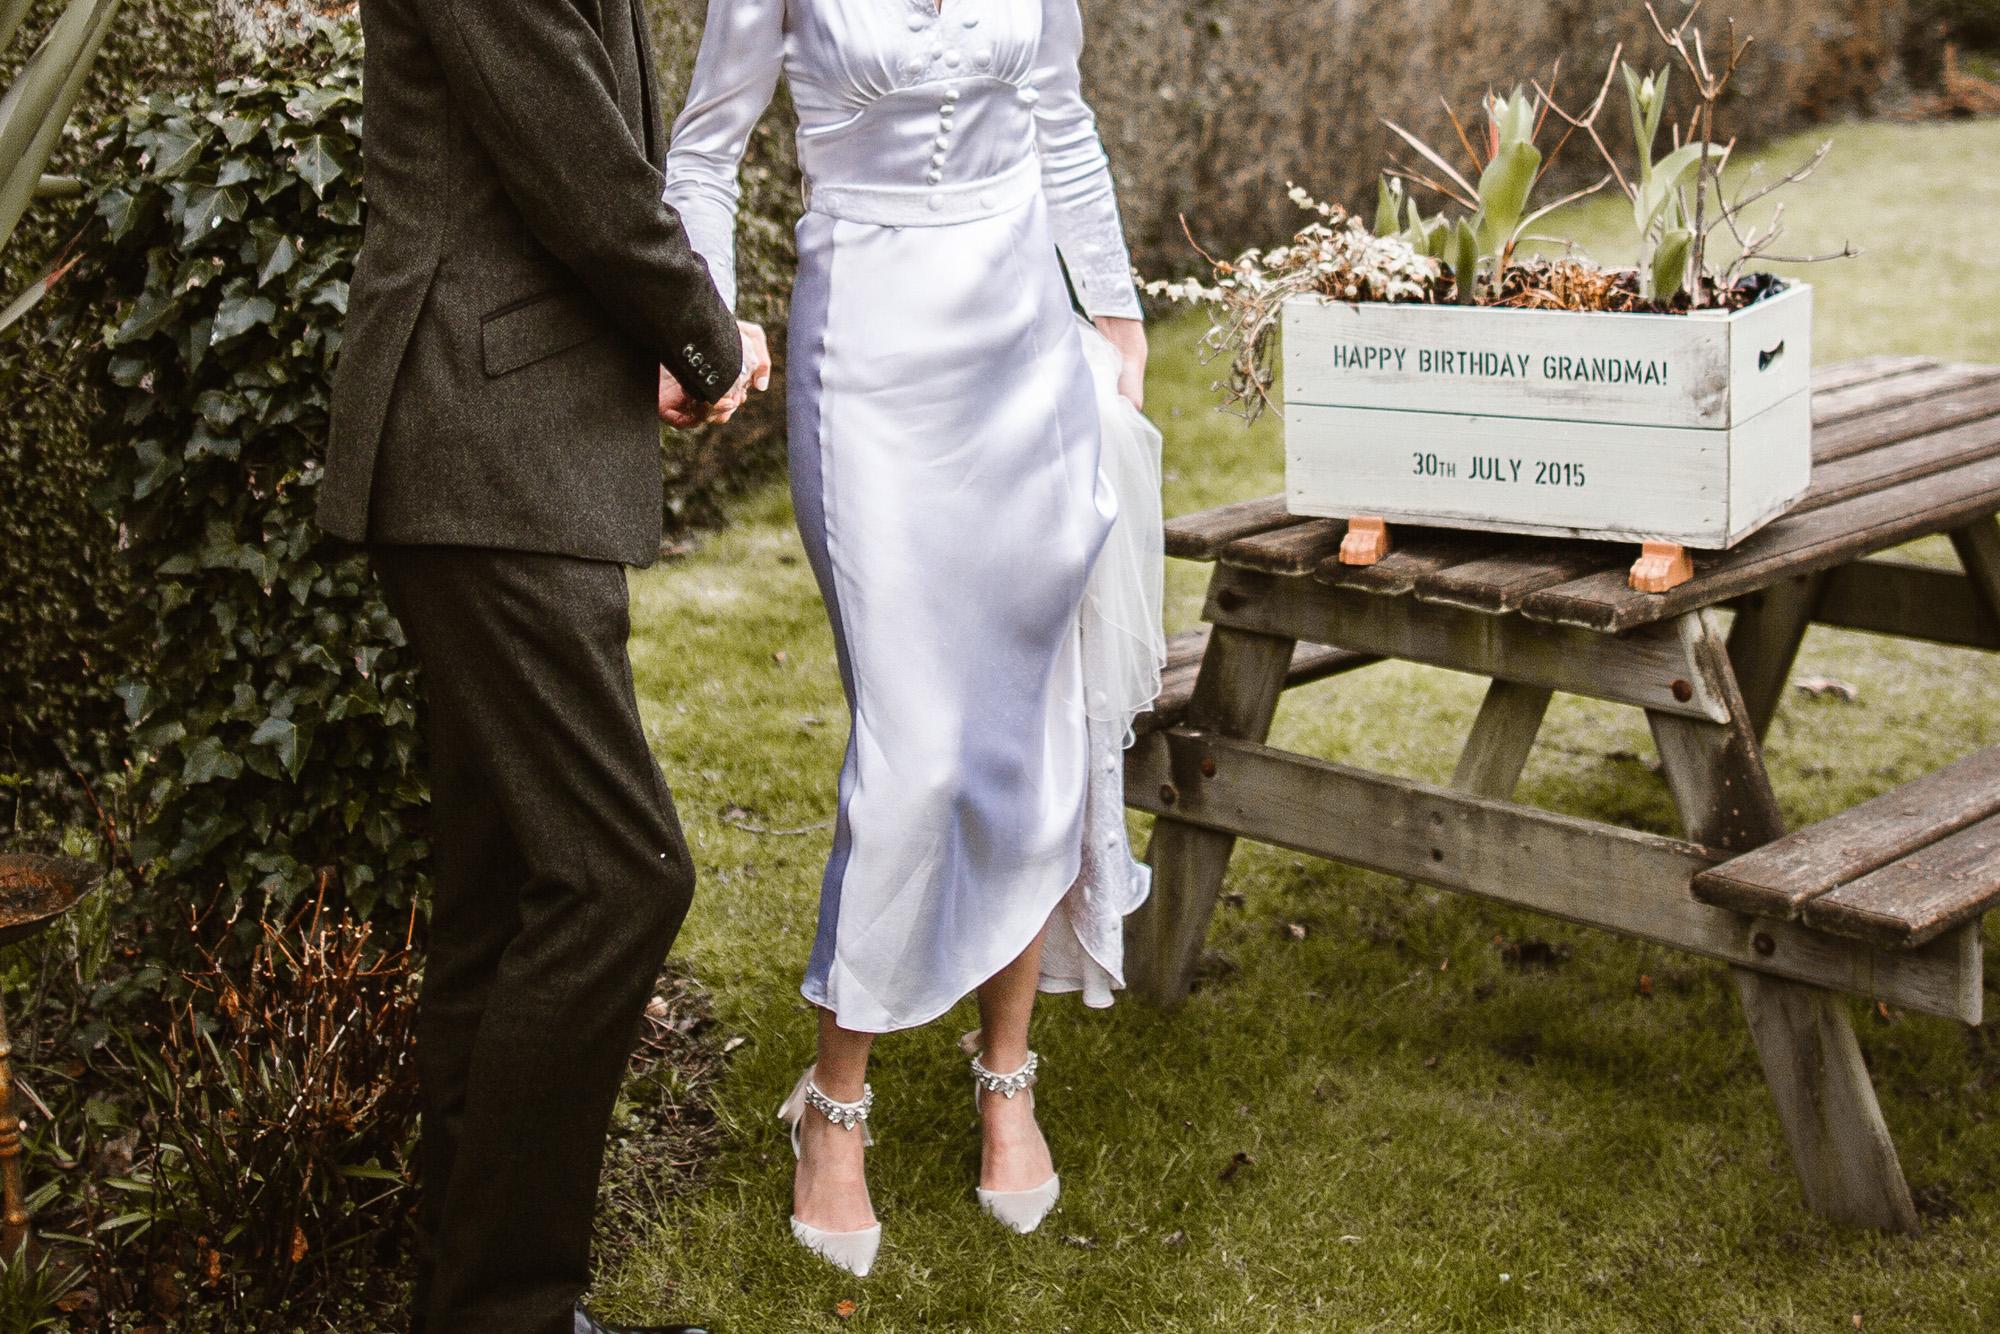 Kate-Elegant-Original-Vintage-1930s-Wedding-Gown-Kate-Beaumont-Sheffield-26.jpg